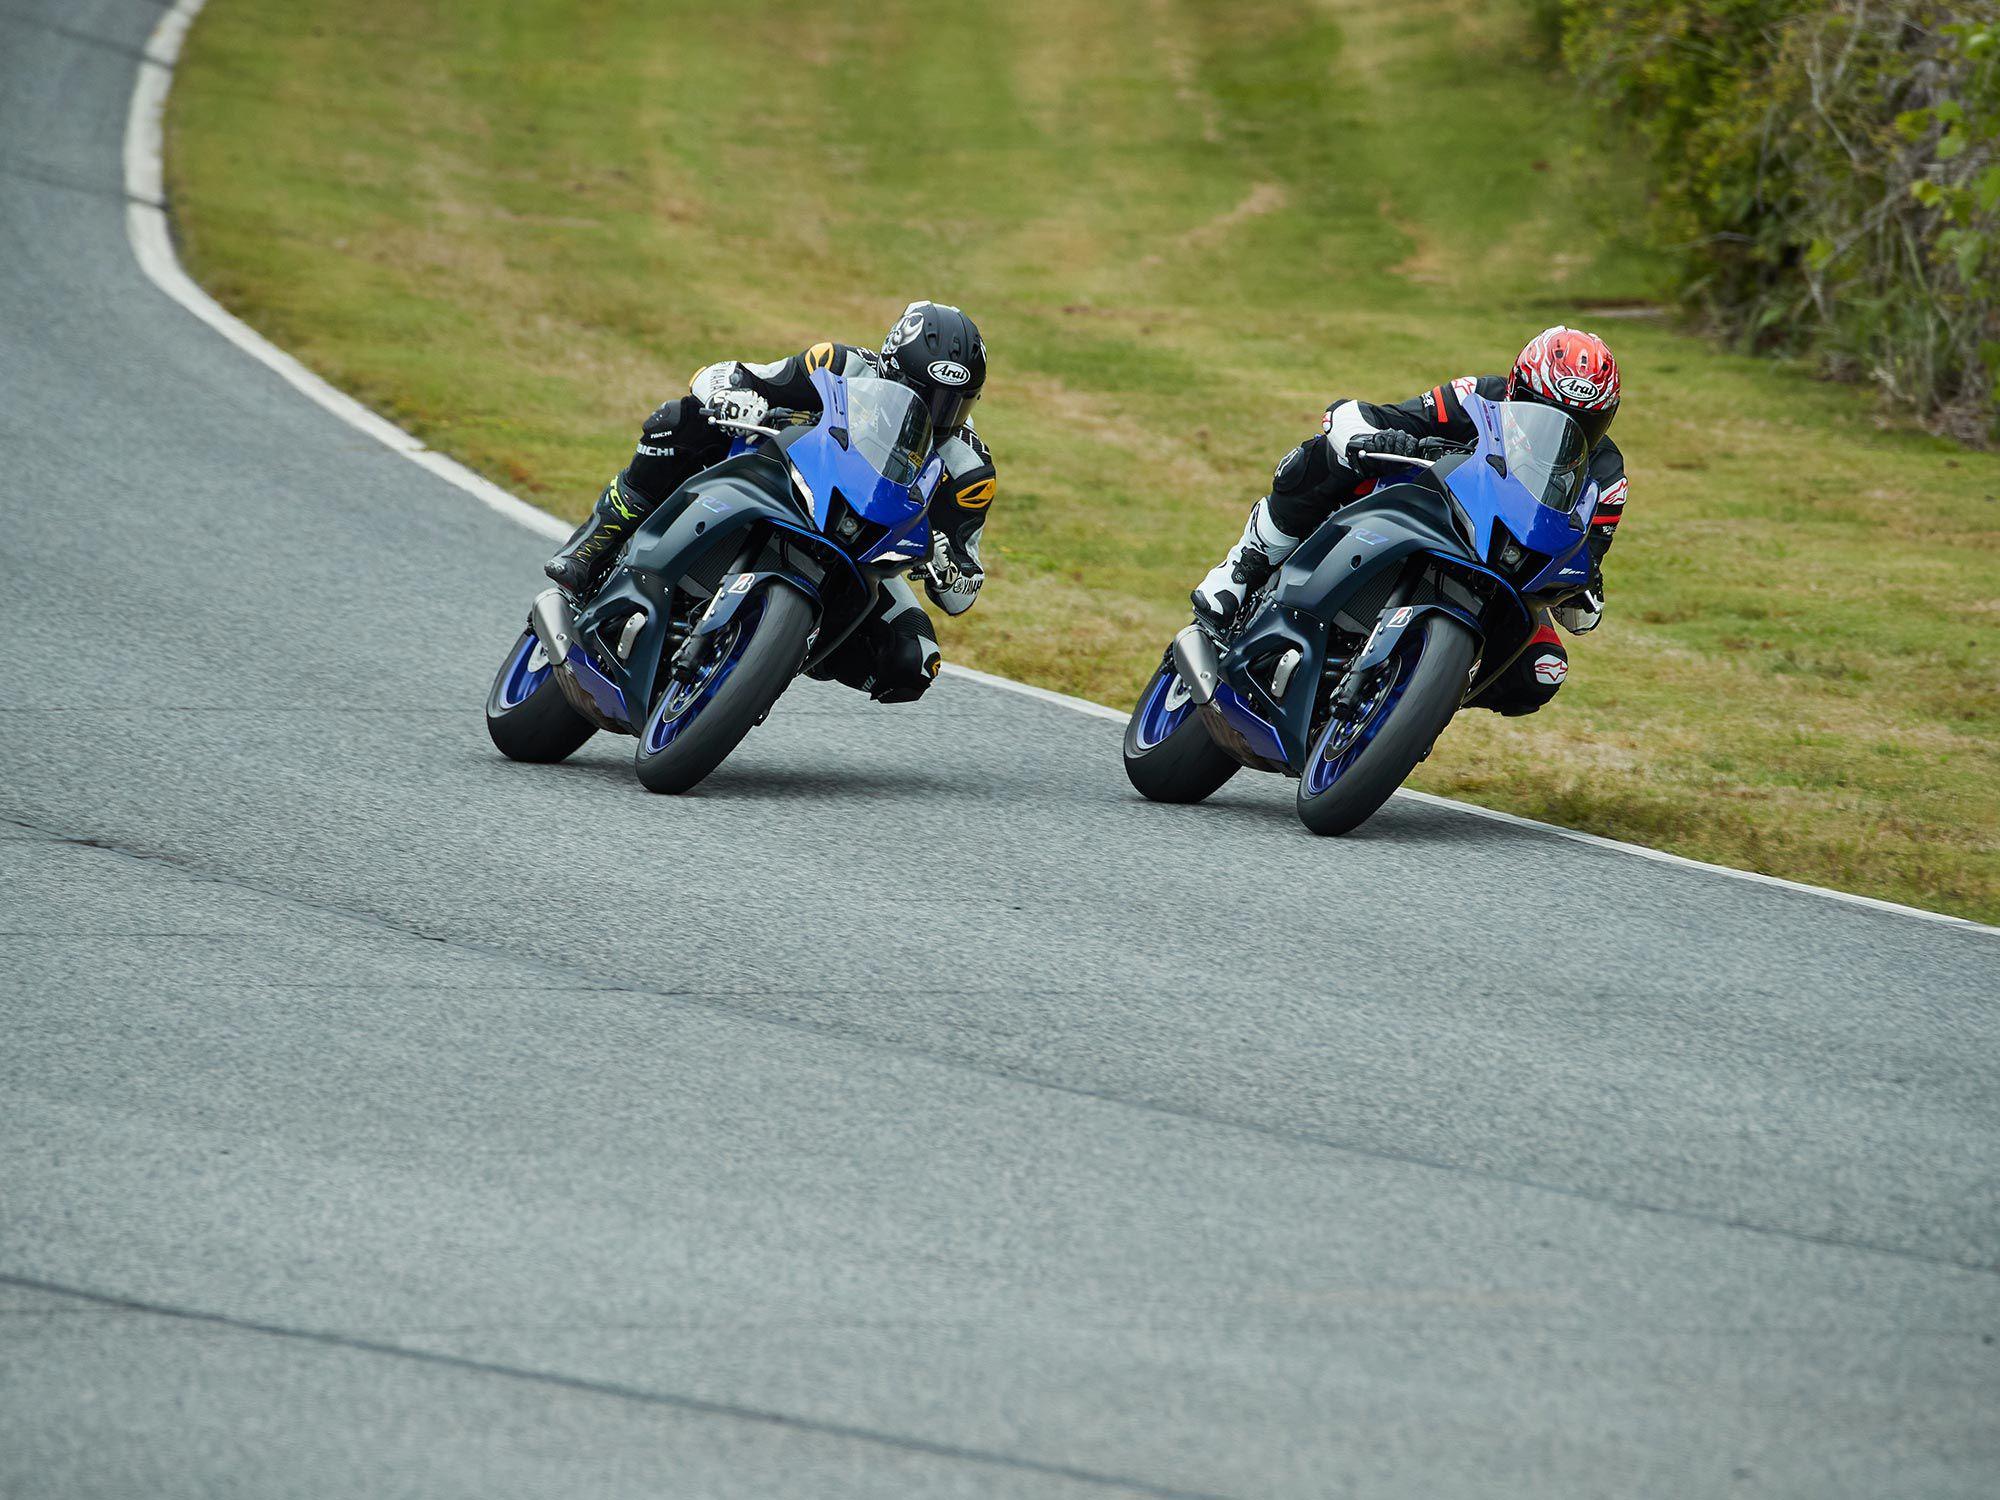 Zet twee of meer YZF-R7's op het goede spoor en je gaat een geweldige tijd tegemoet.  Hoe zit het met de vijfde versnelling wijd open gas geflankeerd door viervoudig Superbike-kampioen Josh Hayes?